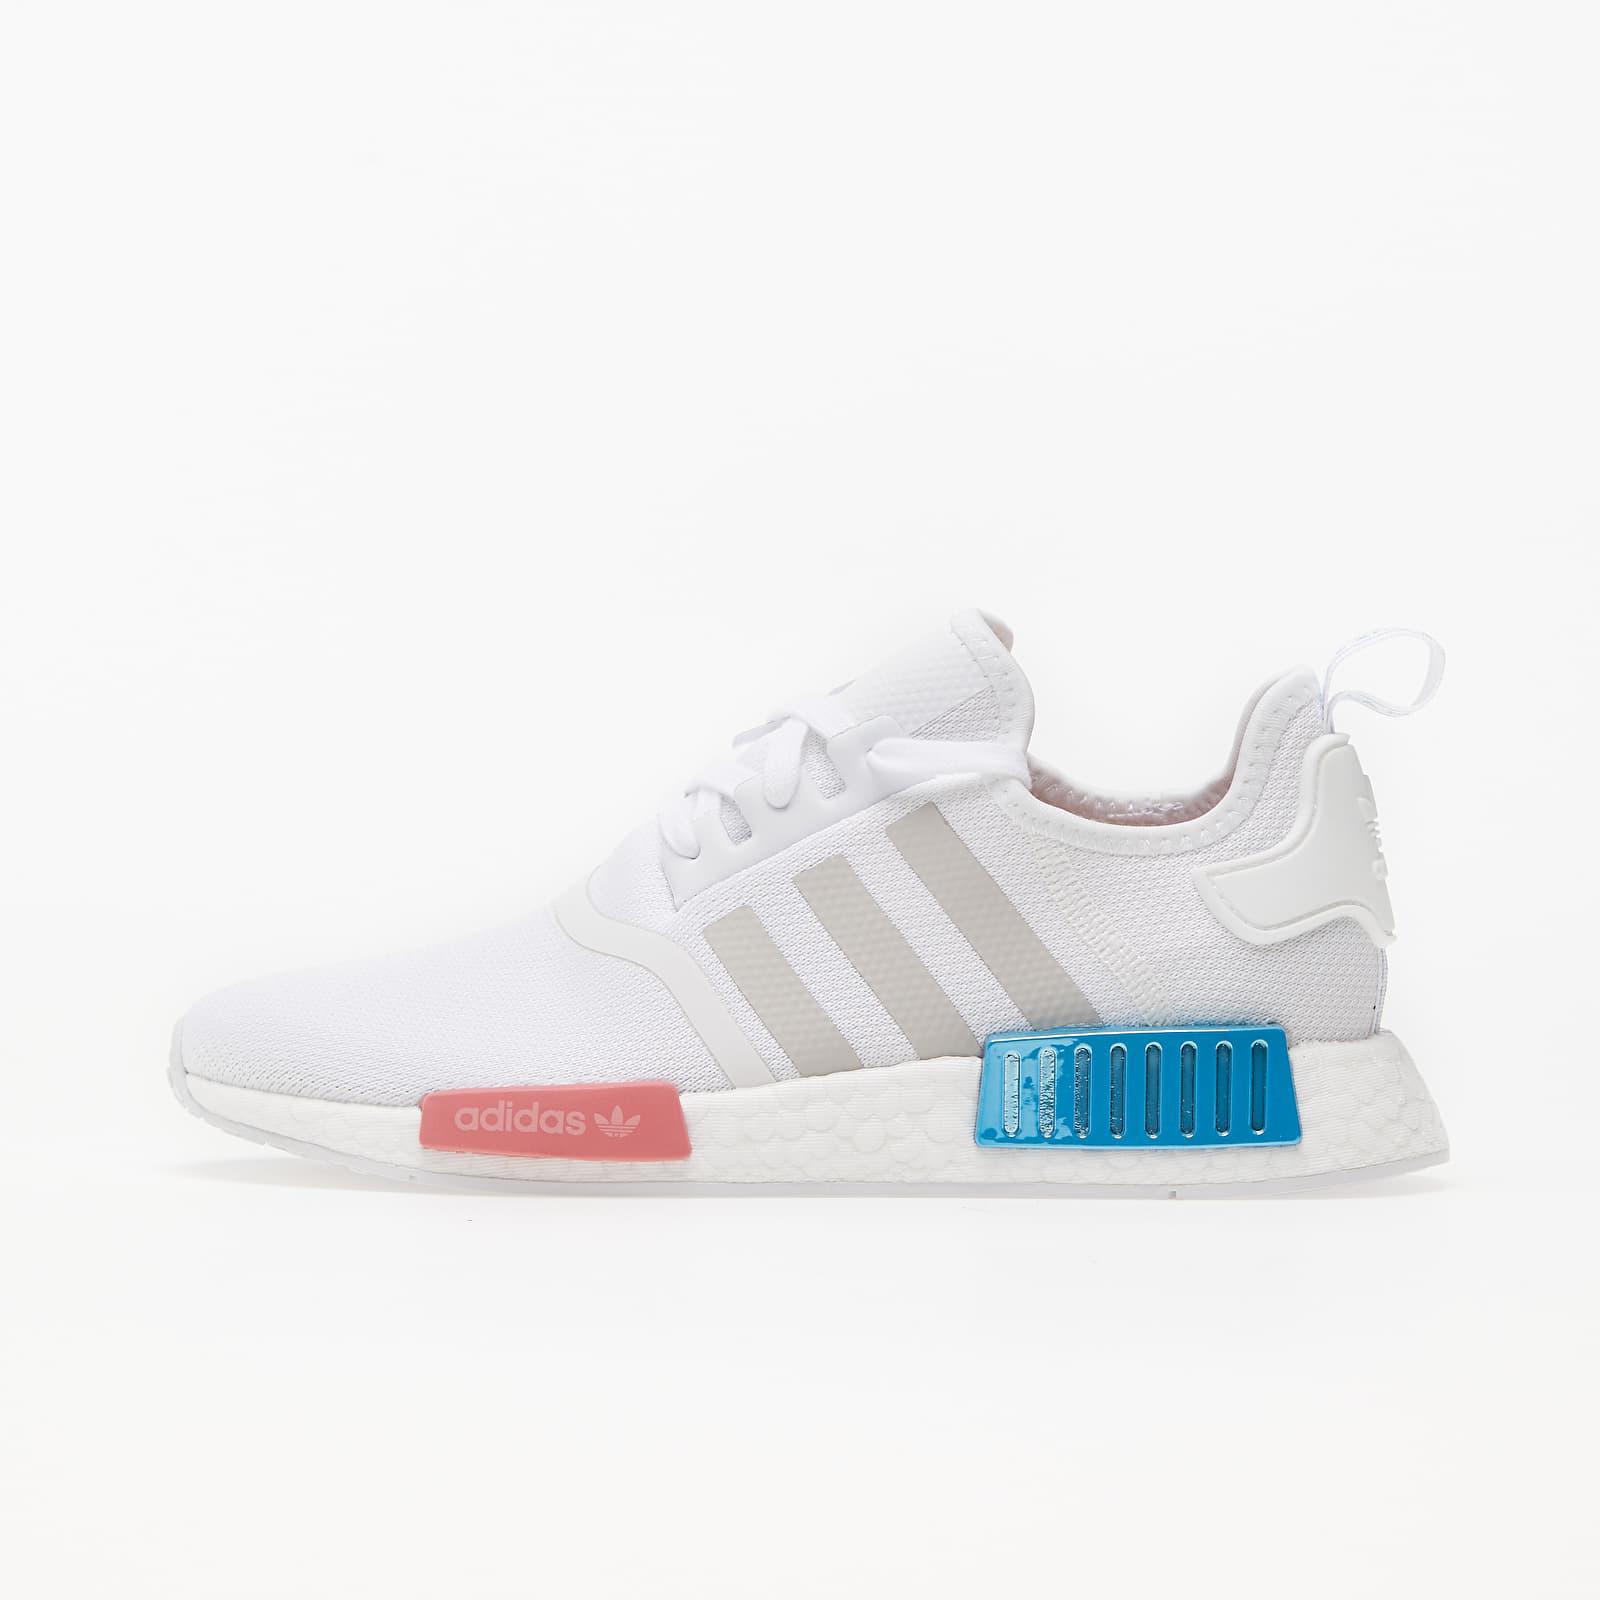 adidas NMD_R1 W Ftwr White/ Grey One/ Hazy Rose FX7074